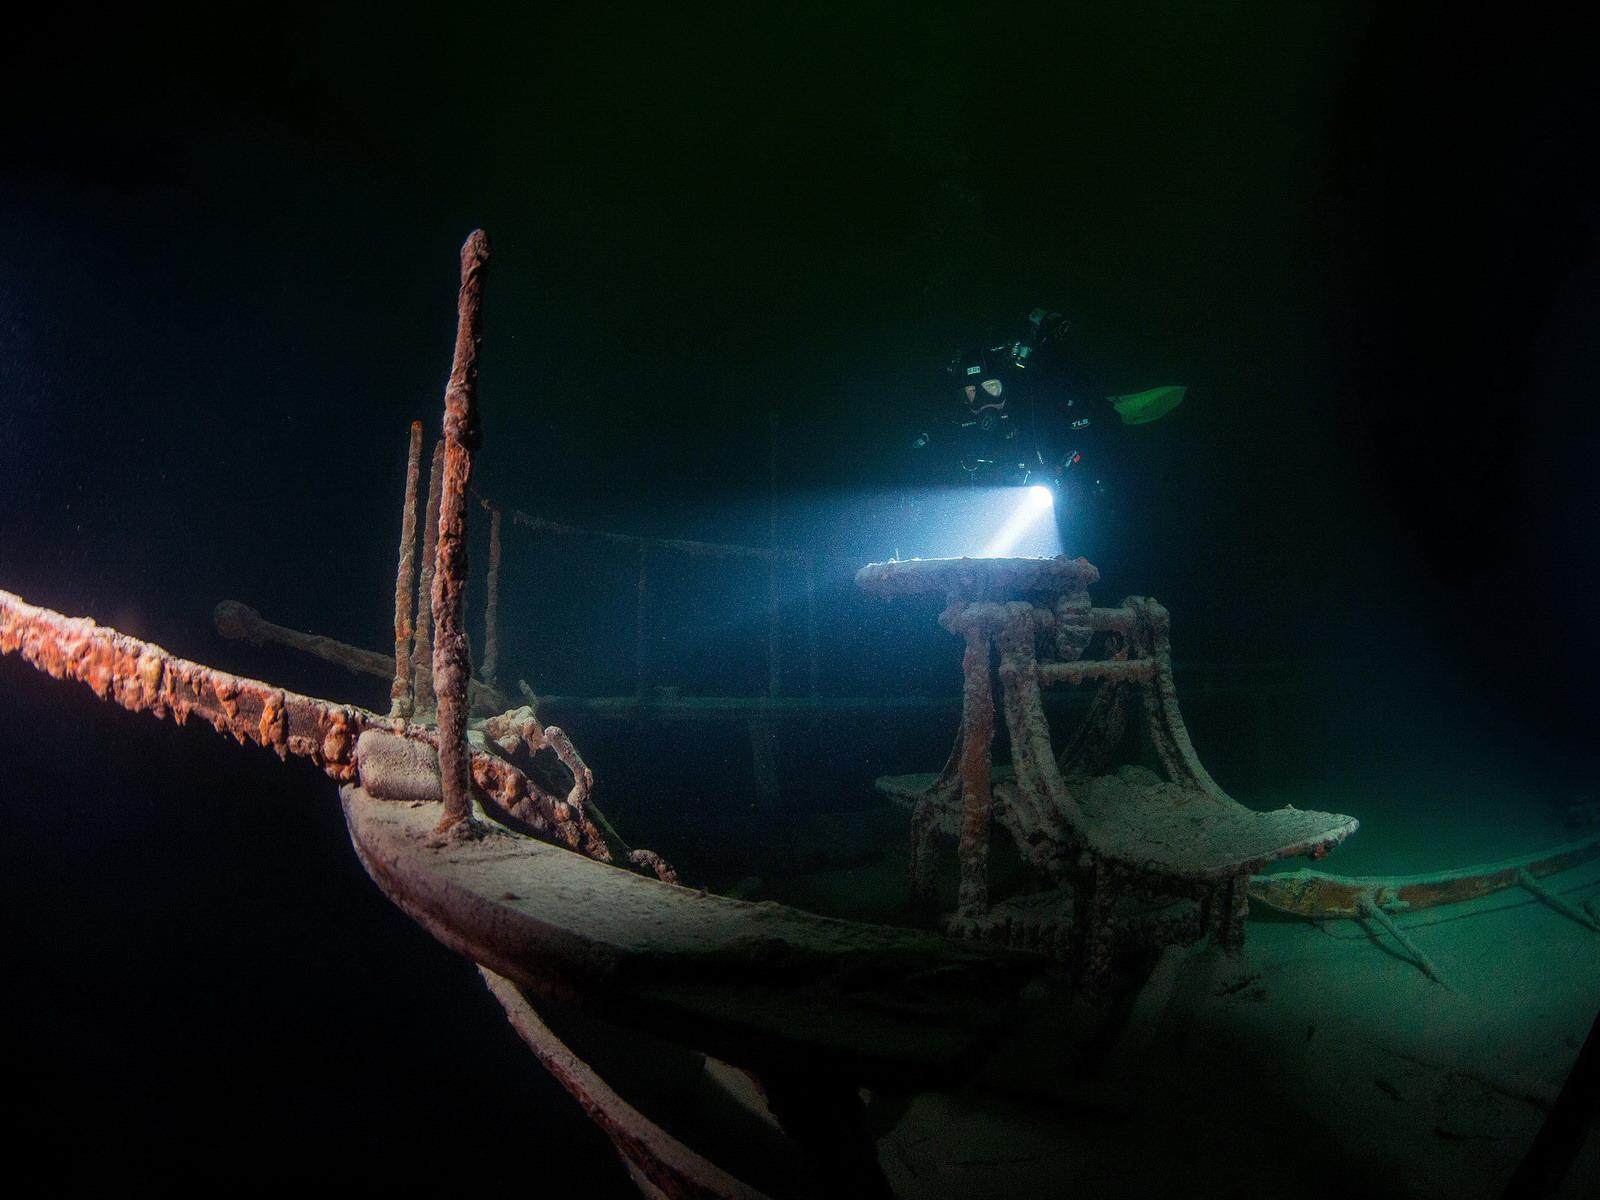 Wracktaucher auf dem Dampfschiff Jura